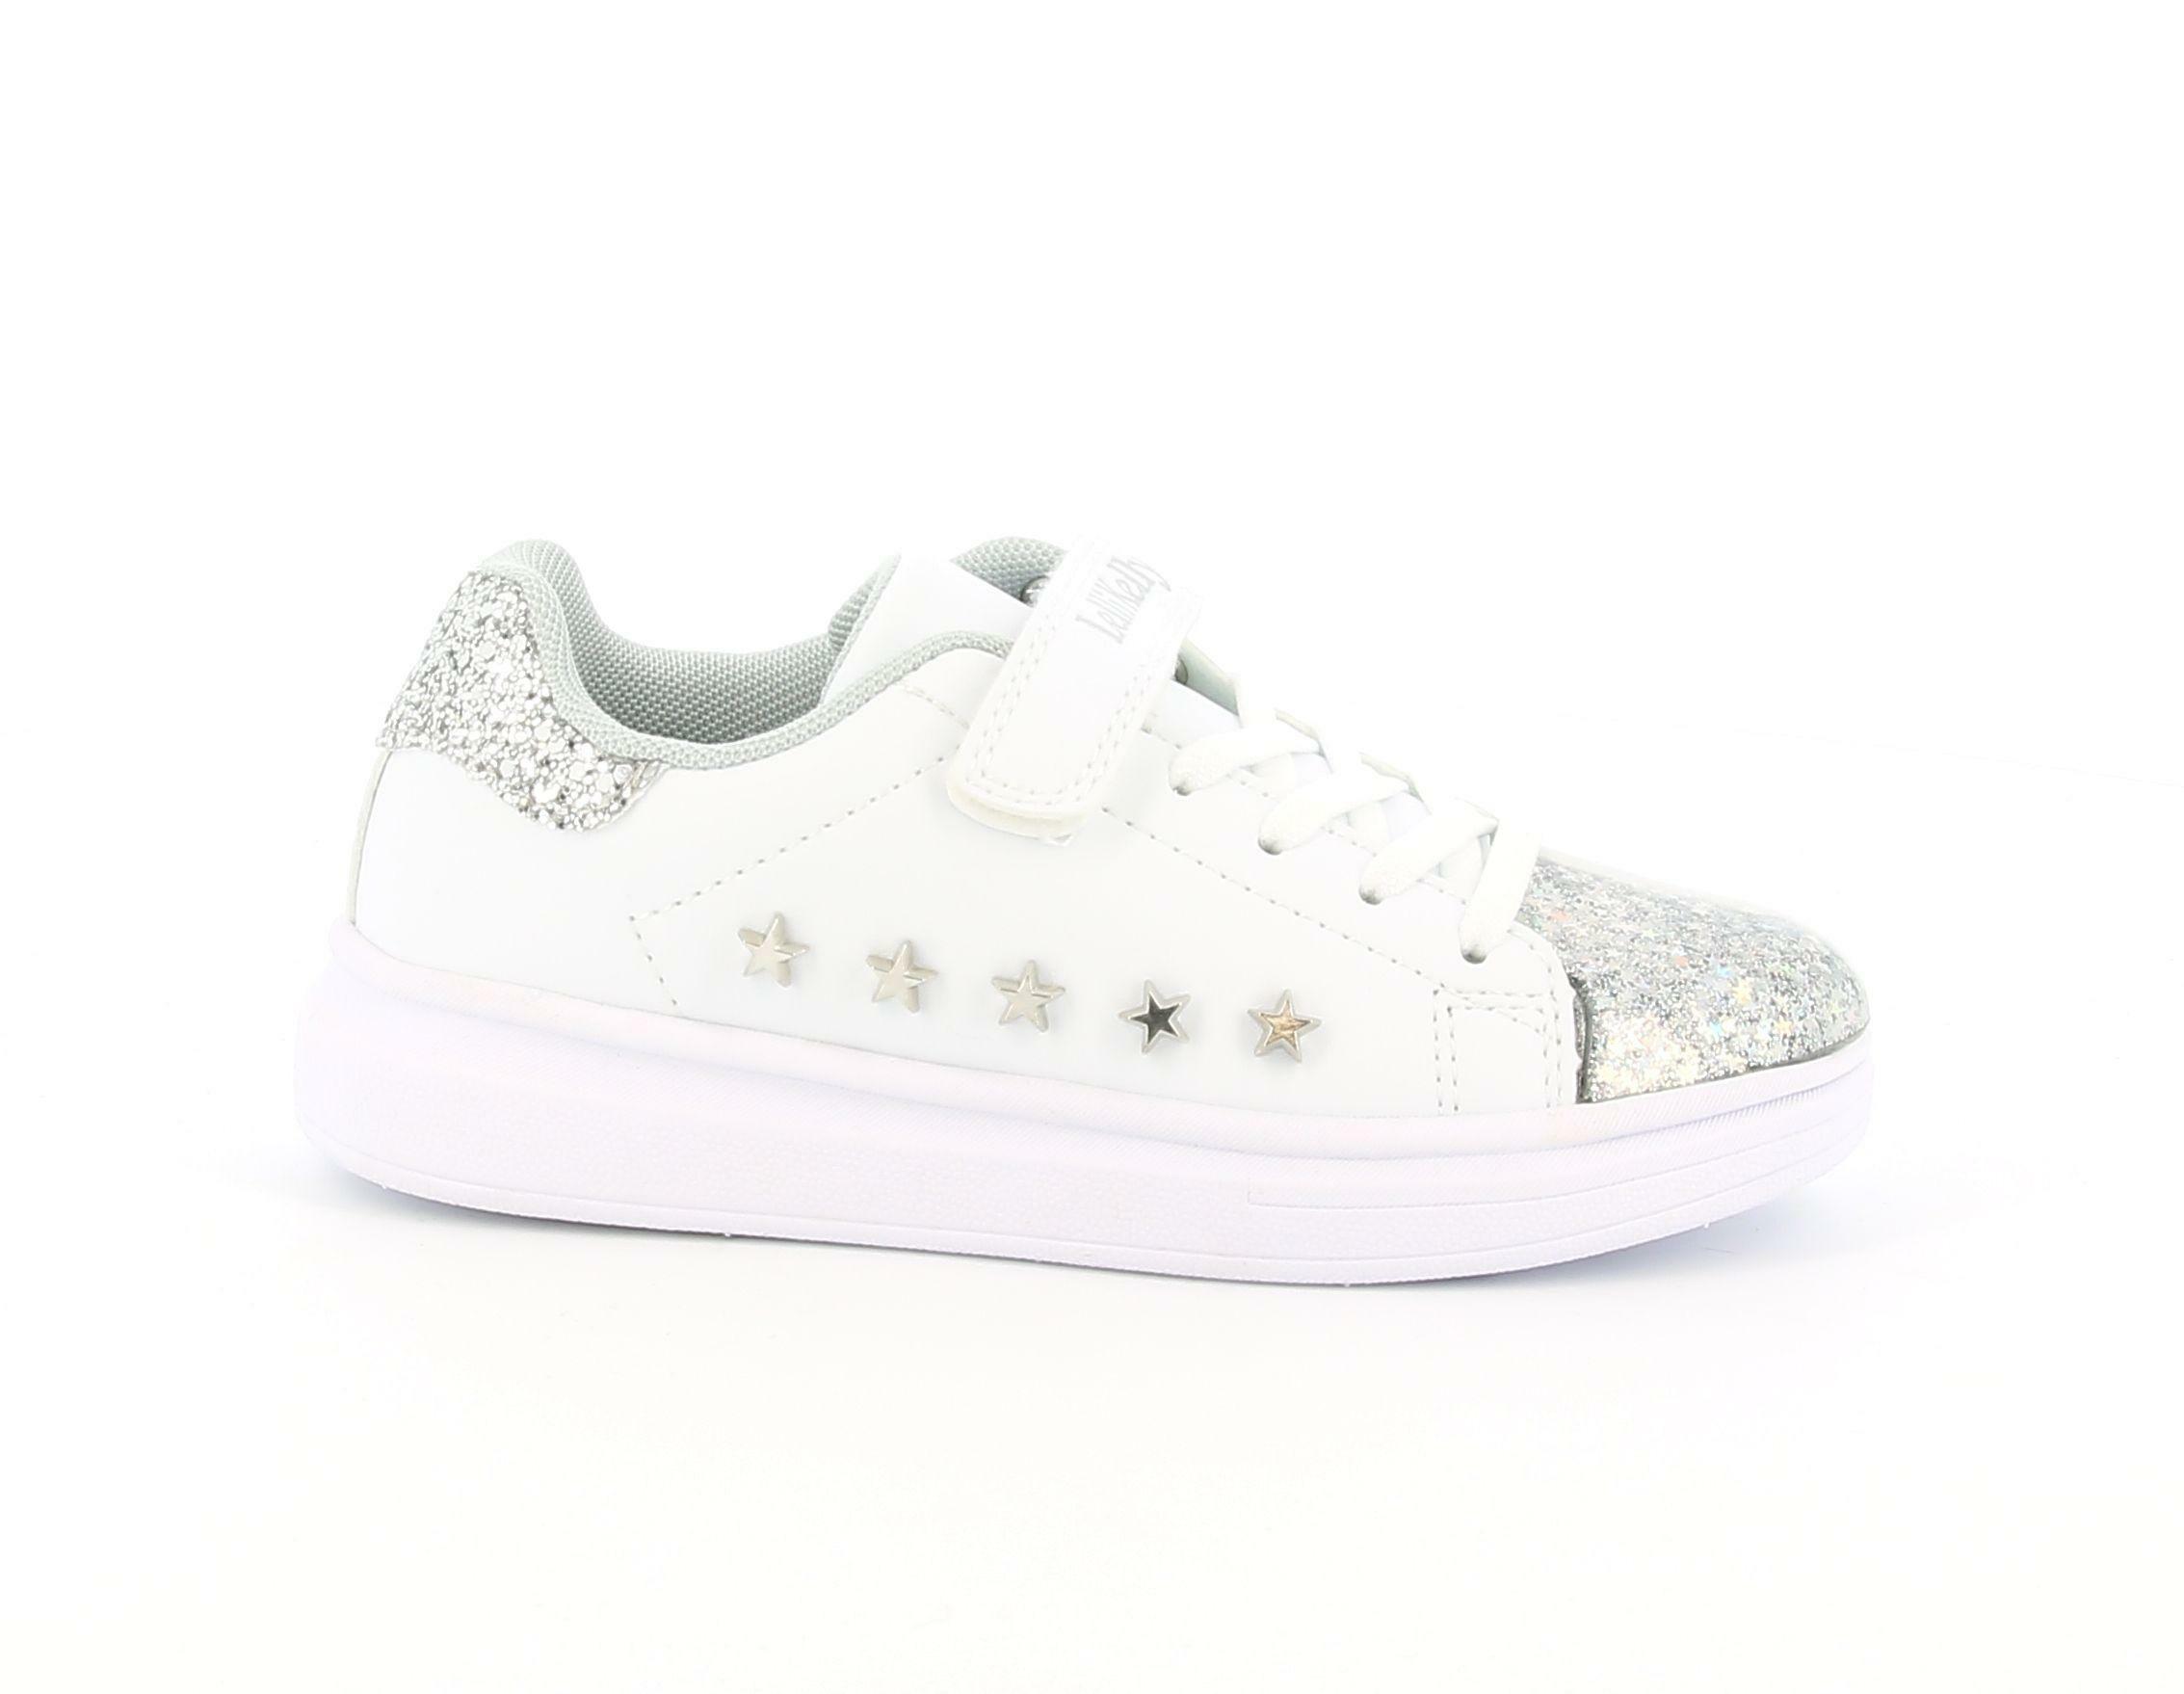 lelli kelly lelli kelly lk5821 sneakers bambina bianco argento